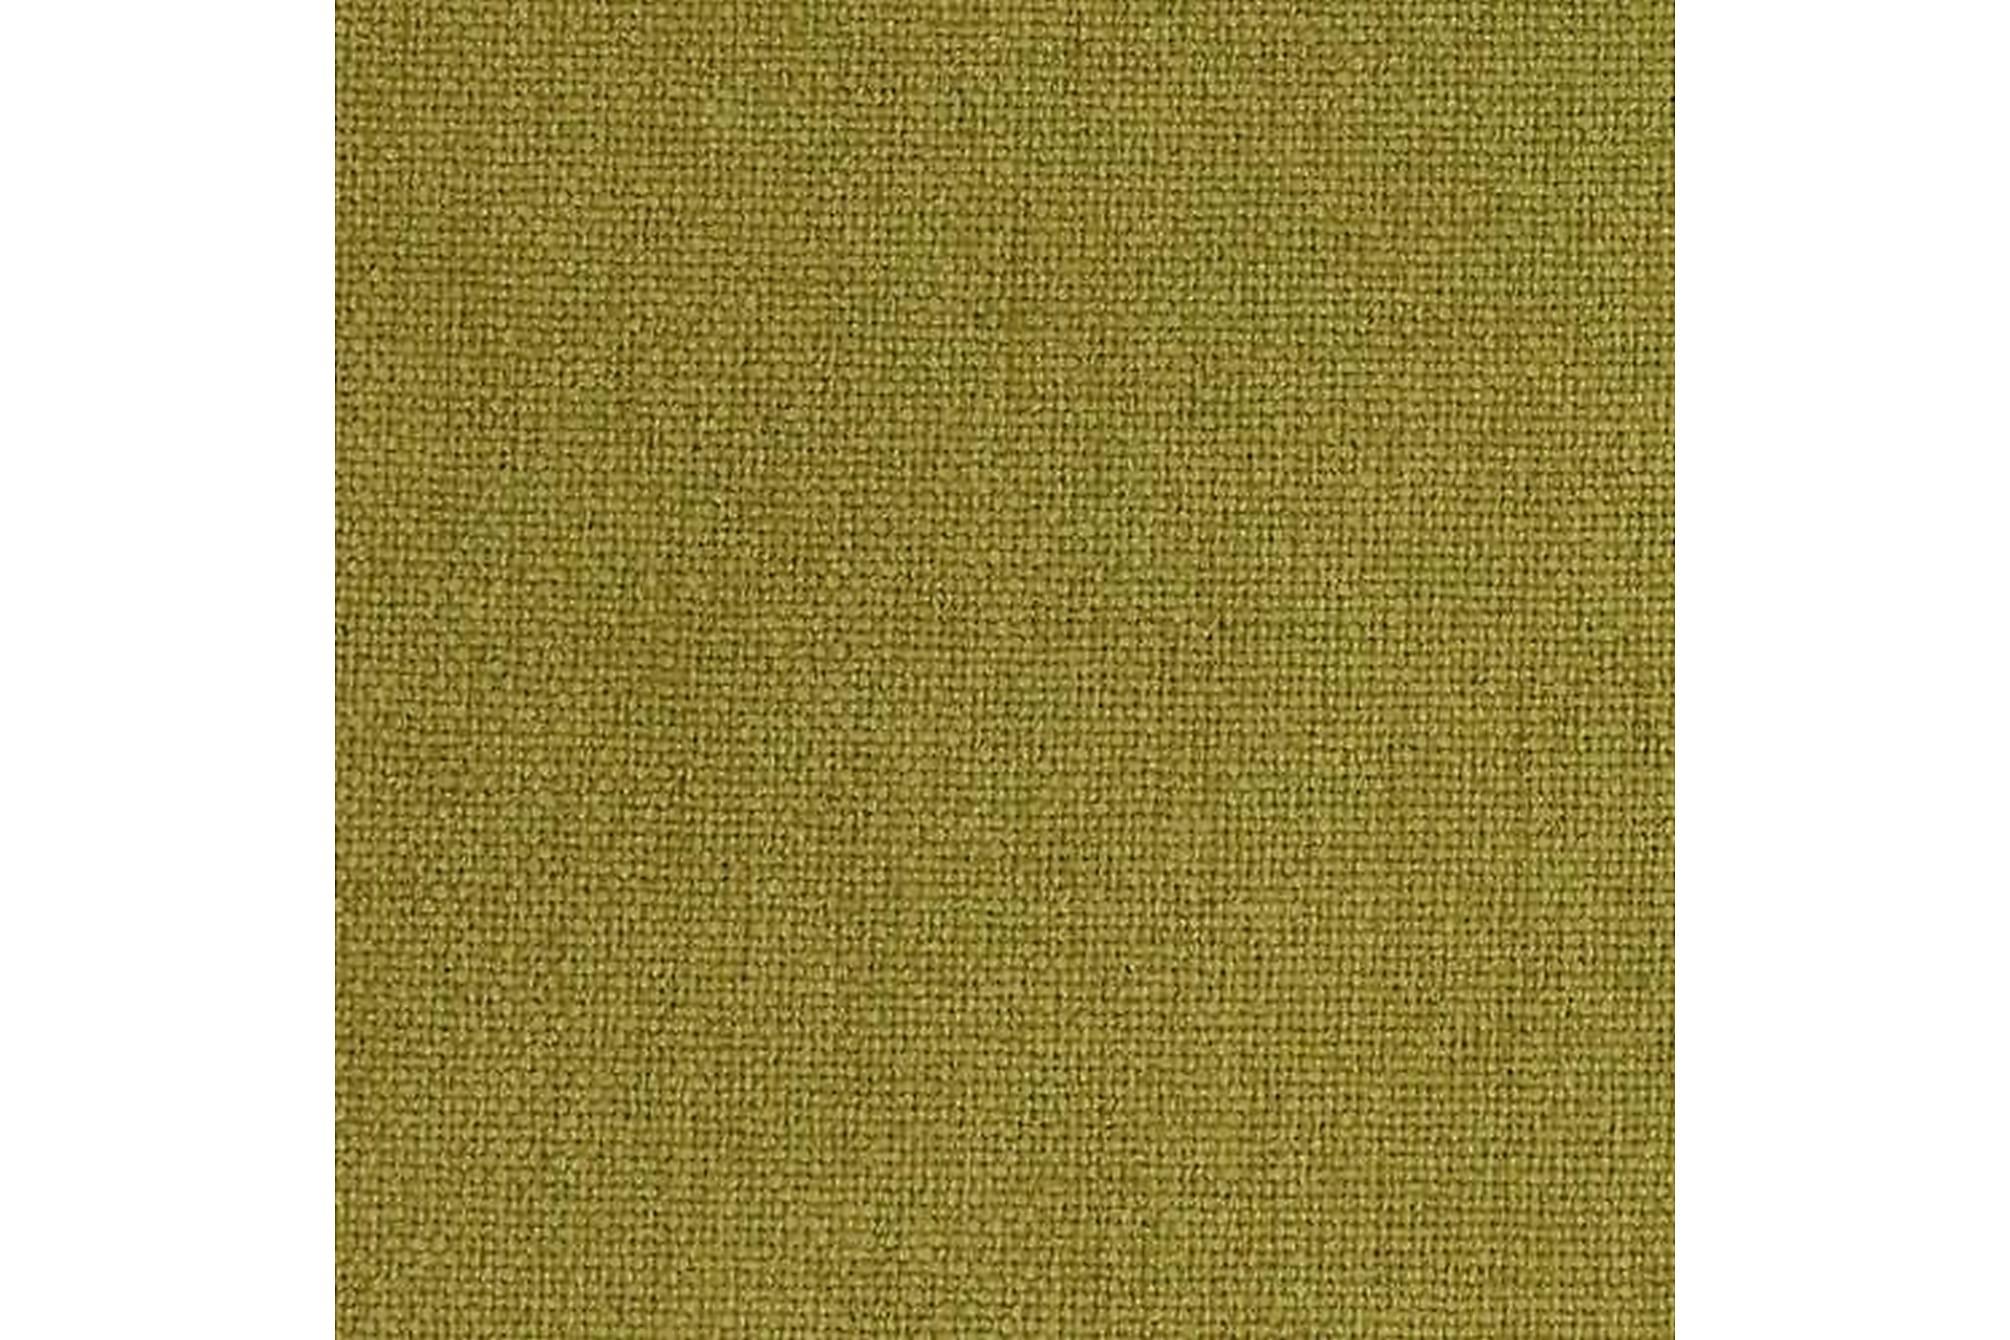 ASADUR Sängpaket 120x200 cm Lime, Sängar